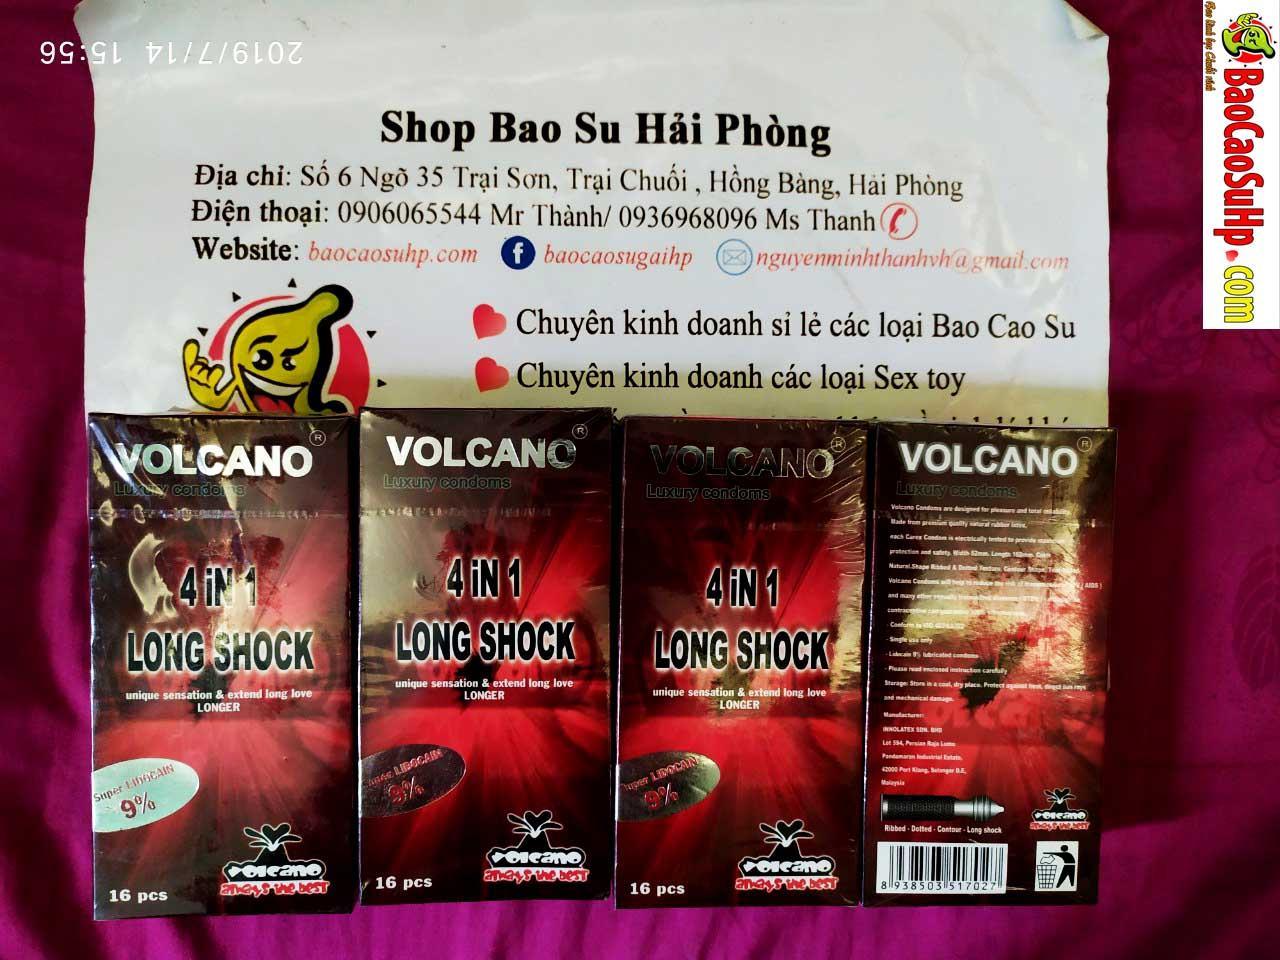 20190714213515 5675430 bao cao su volcano 5in1 - Bao Cao Su Volcano 4 In 1 (16 Cái ) Phiên bản nâng cấp 9% chất kéo dài